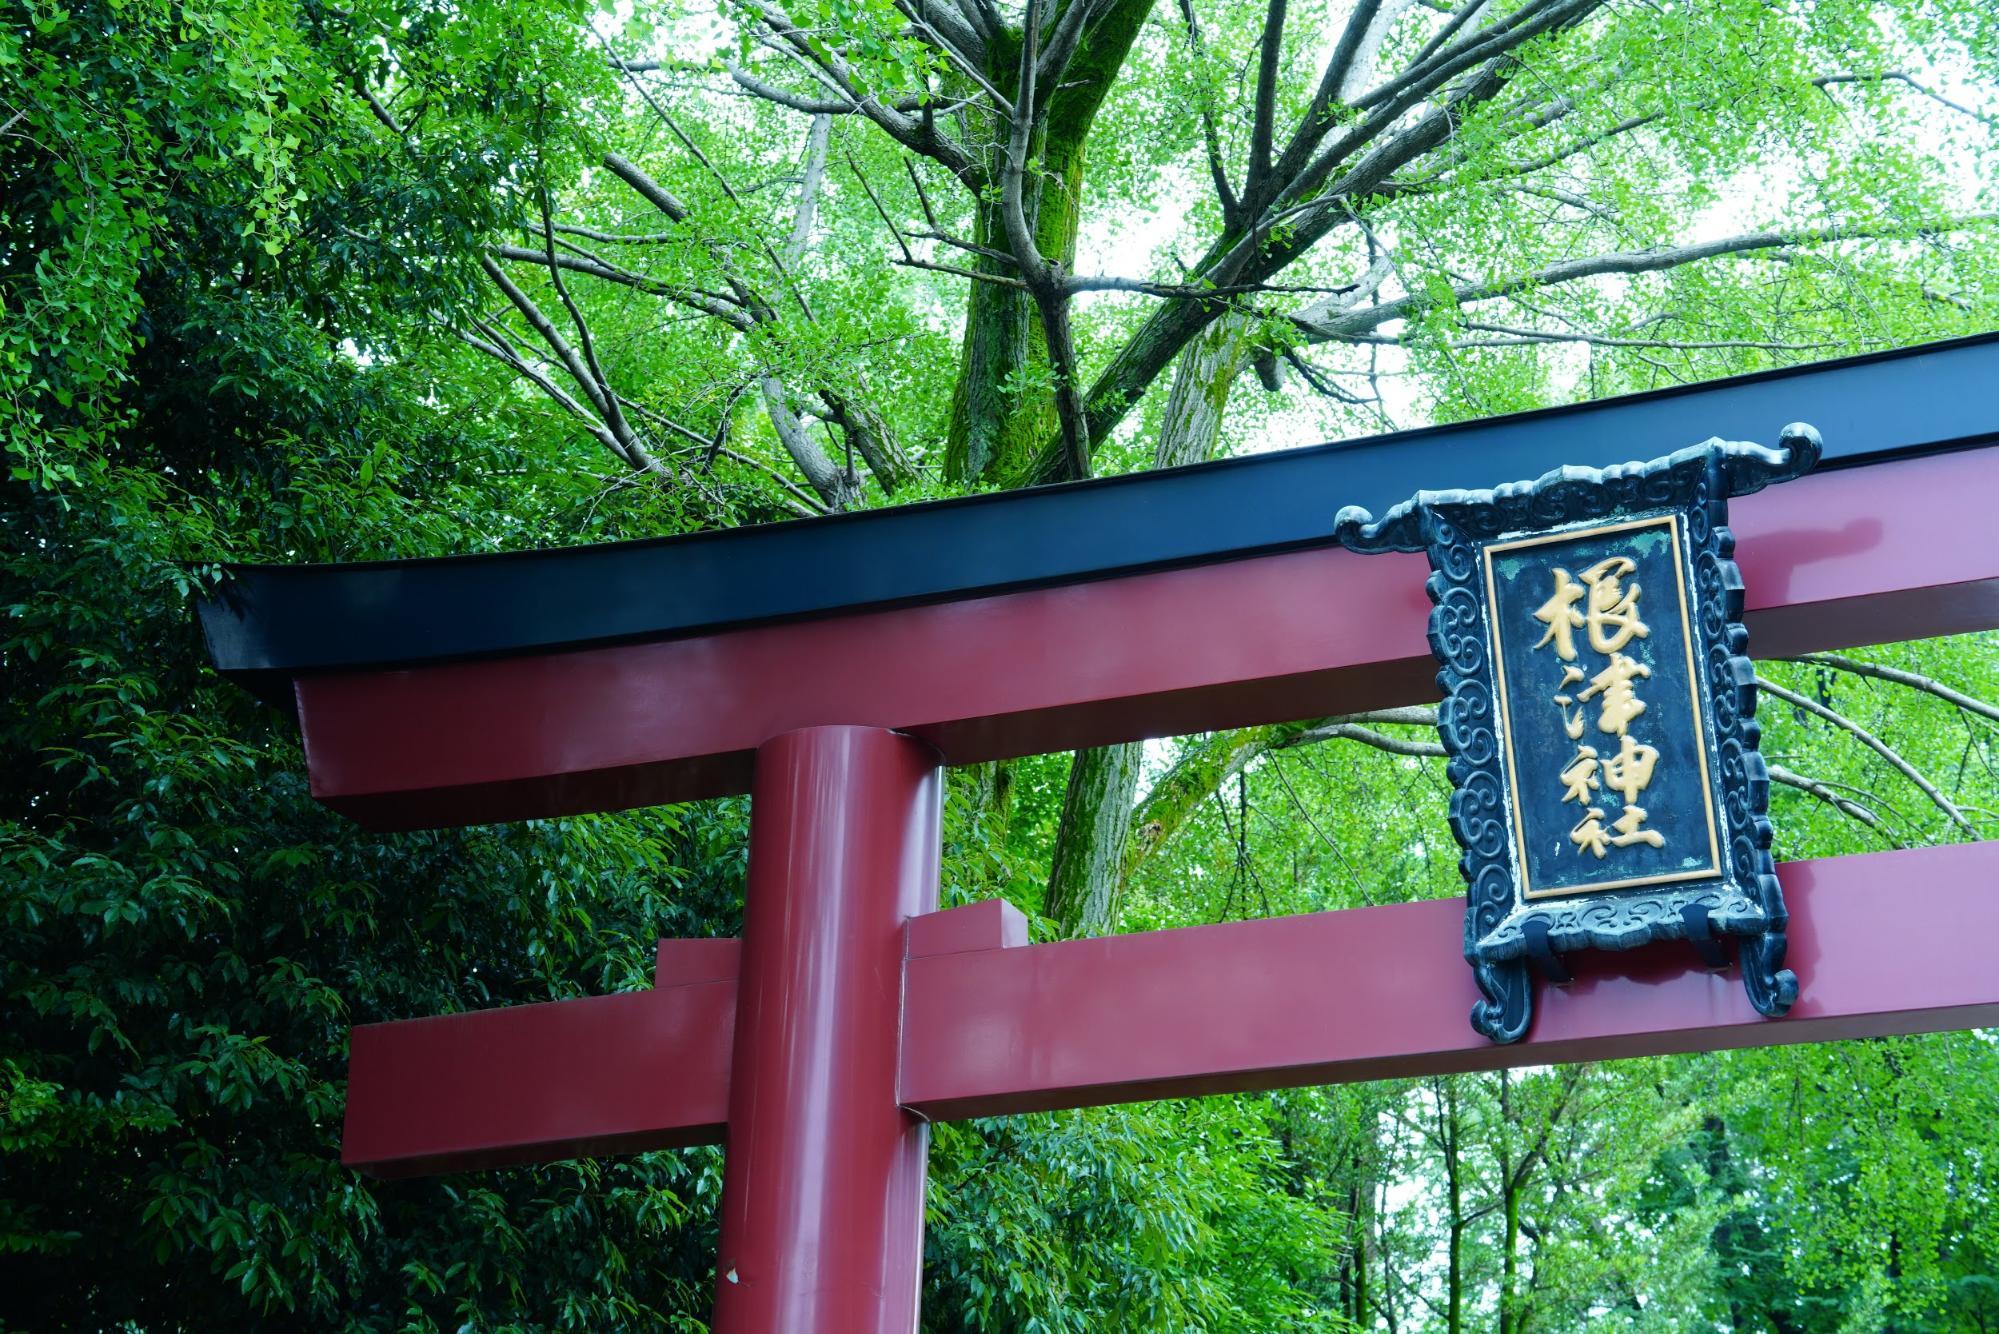 シカノミエ・和の味を楽しむ、根津・千駄木